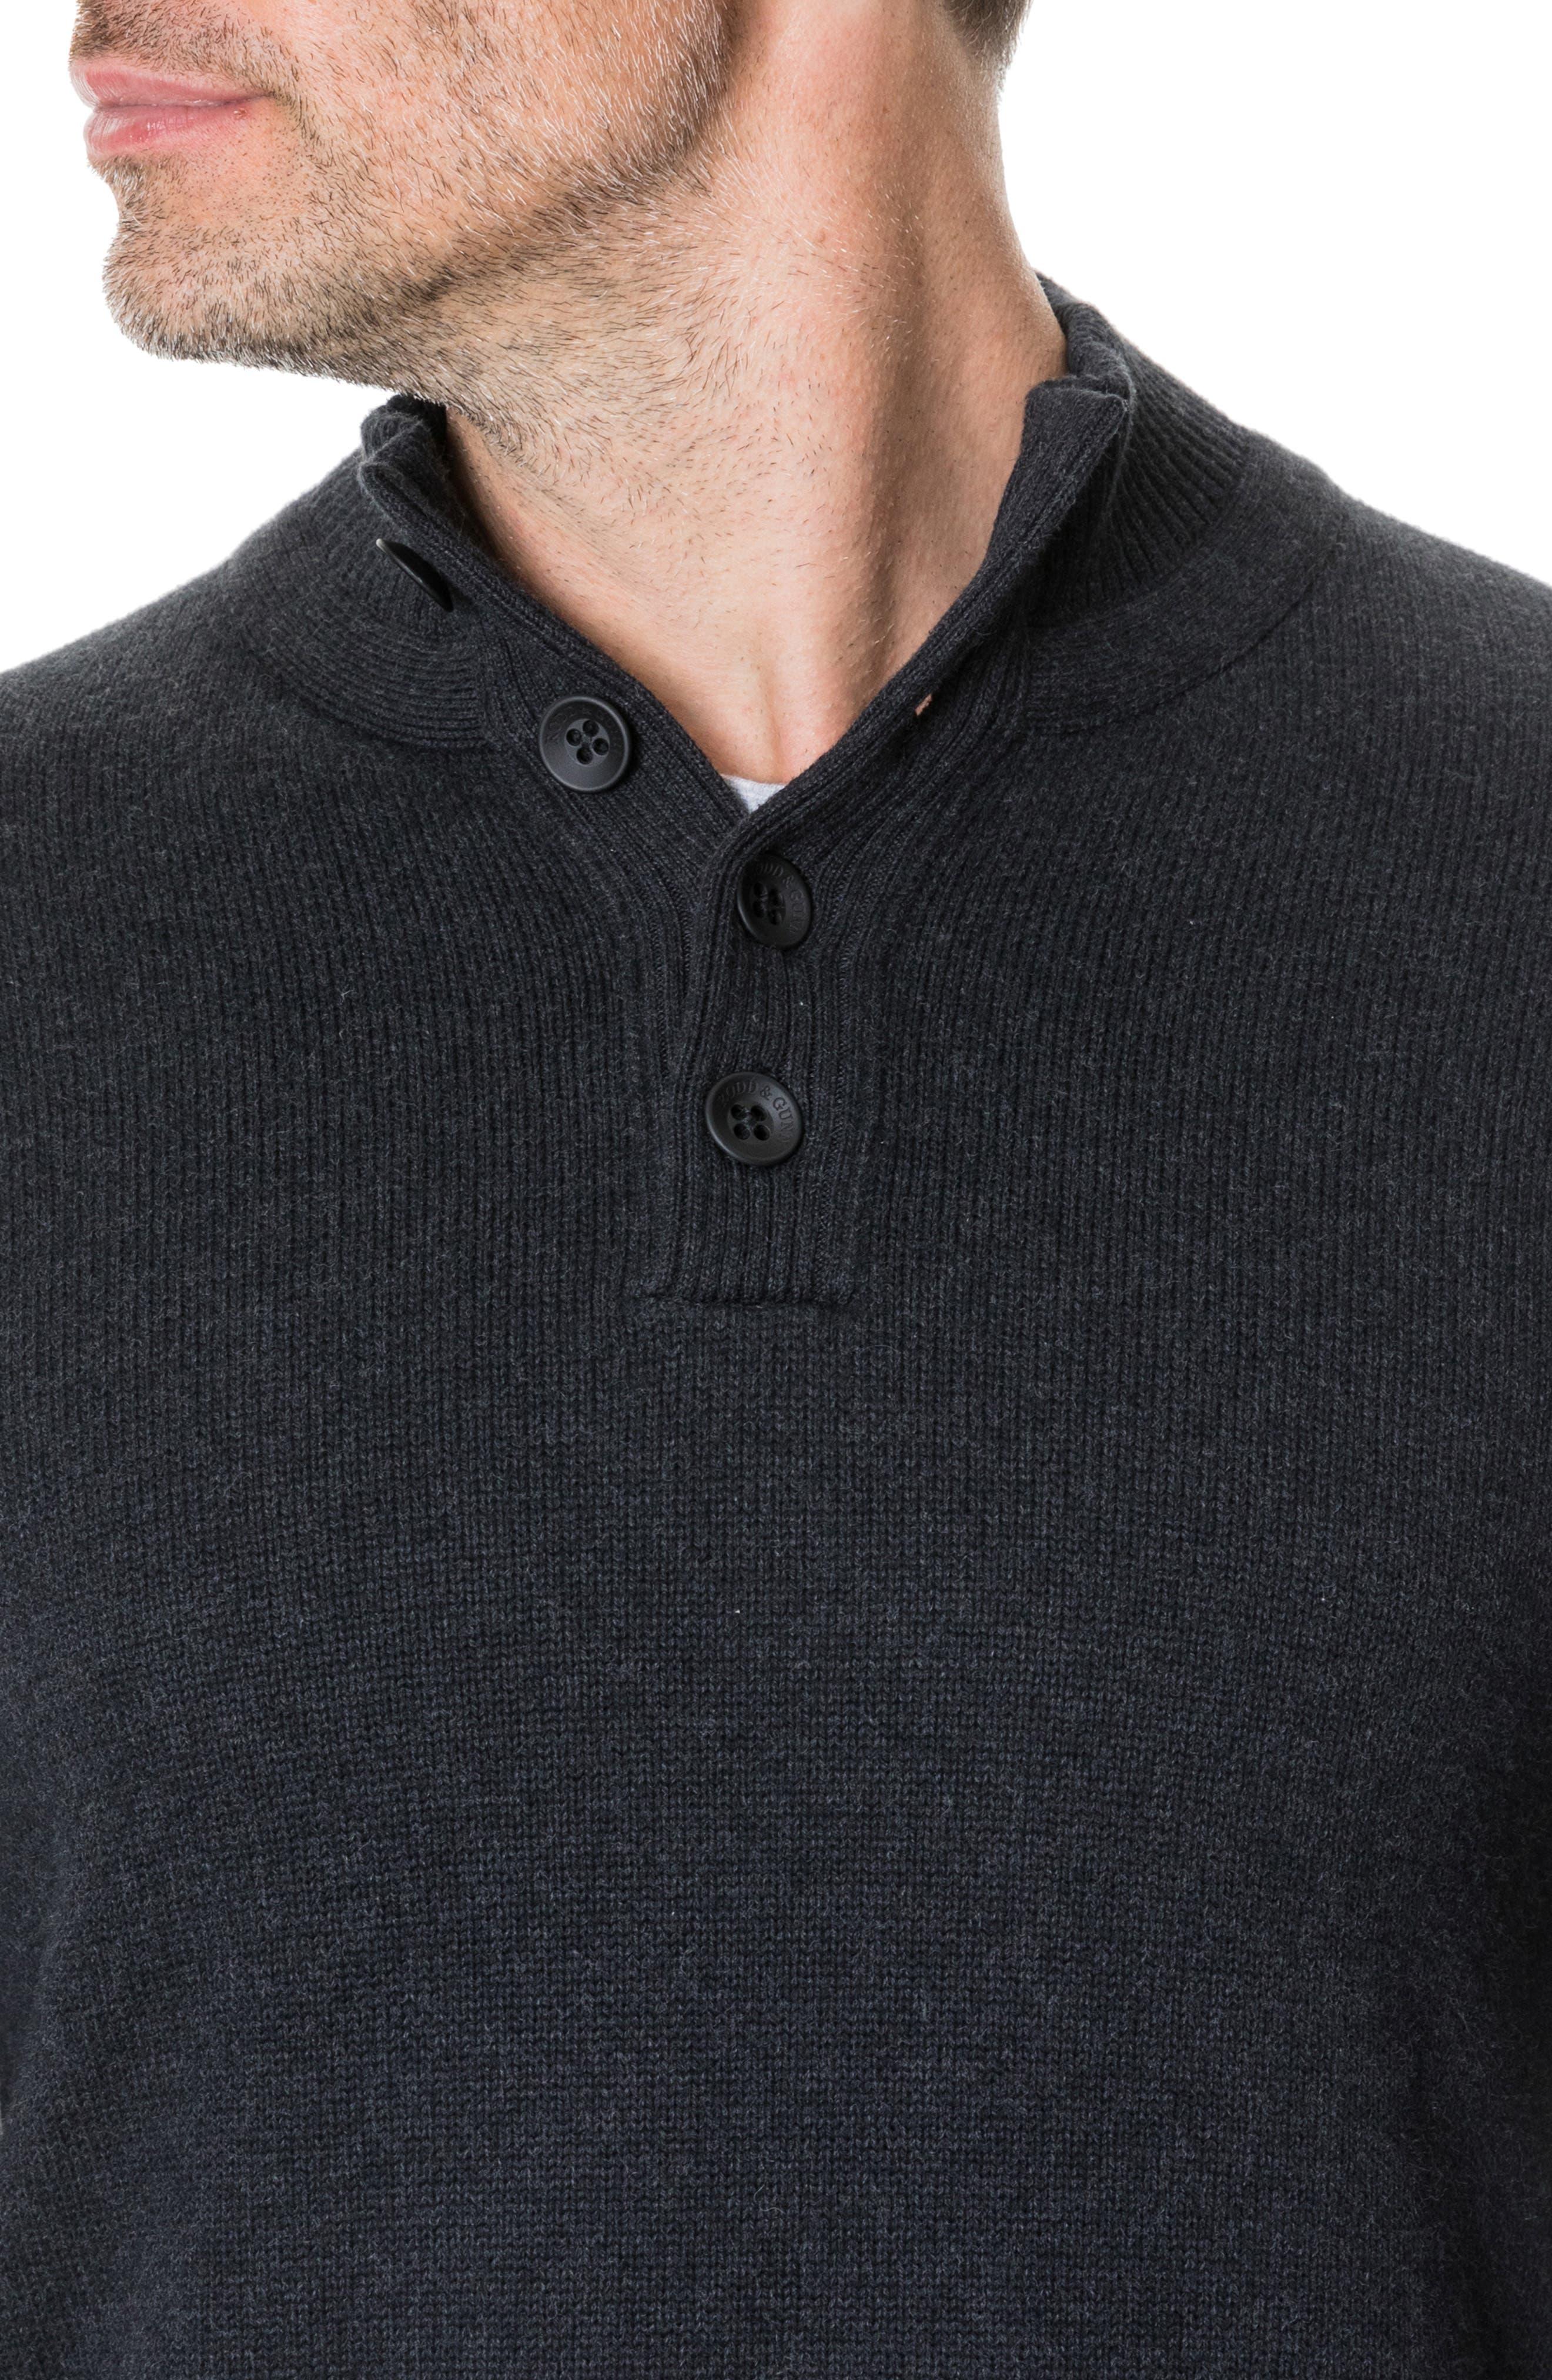 Kent Terrace Quarter Button Sweater,                             Alternate thumbnail 4, color,                             CHARCOAL